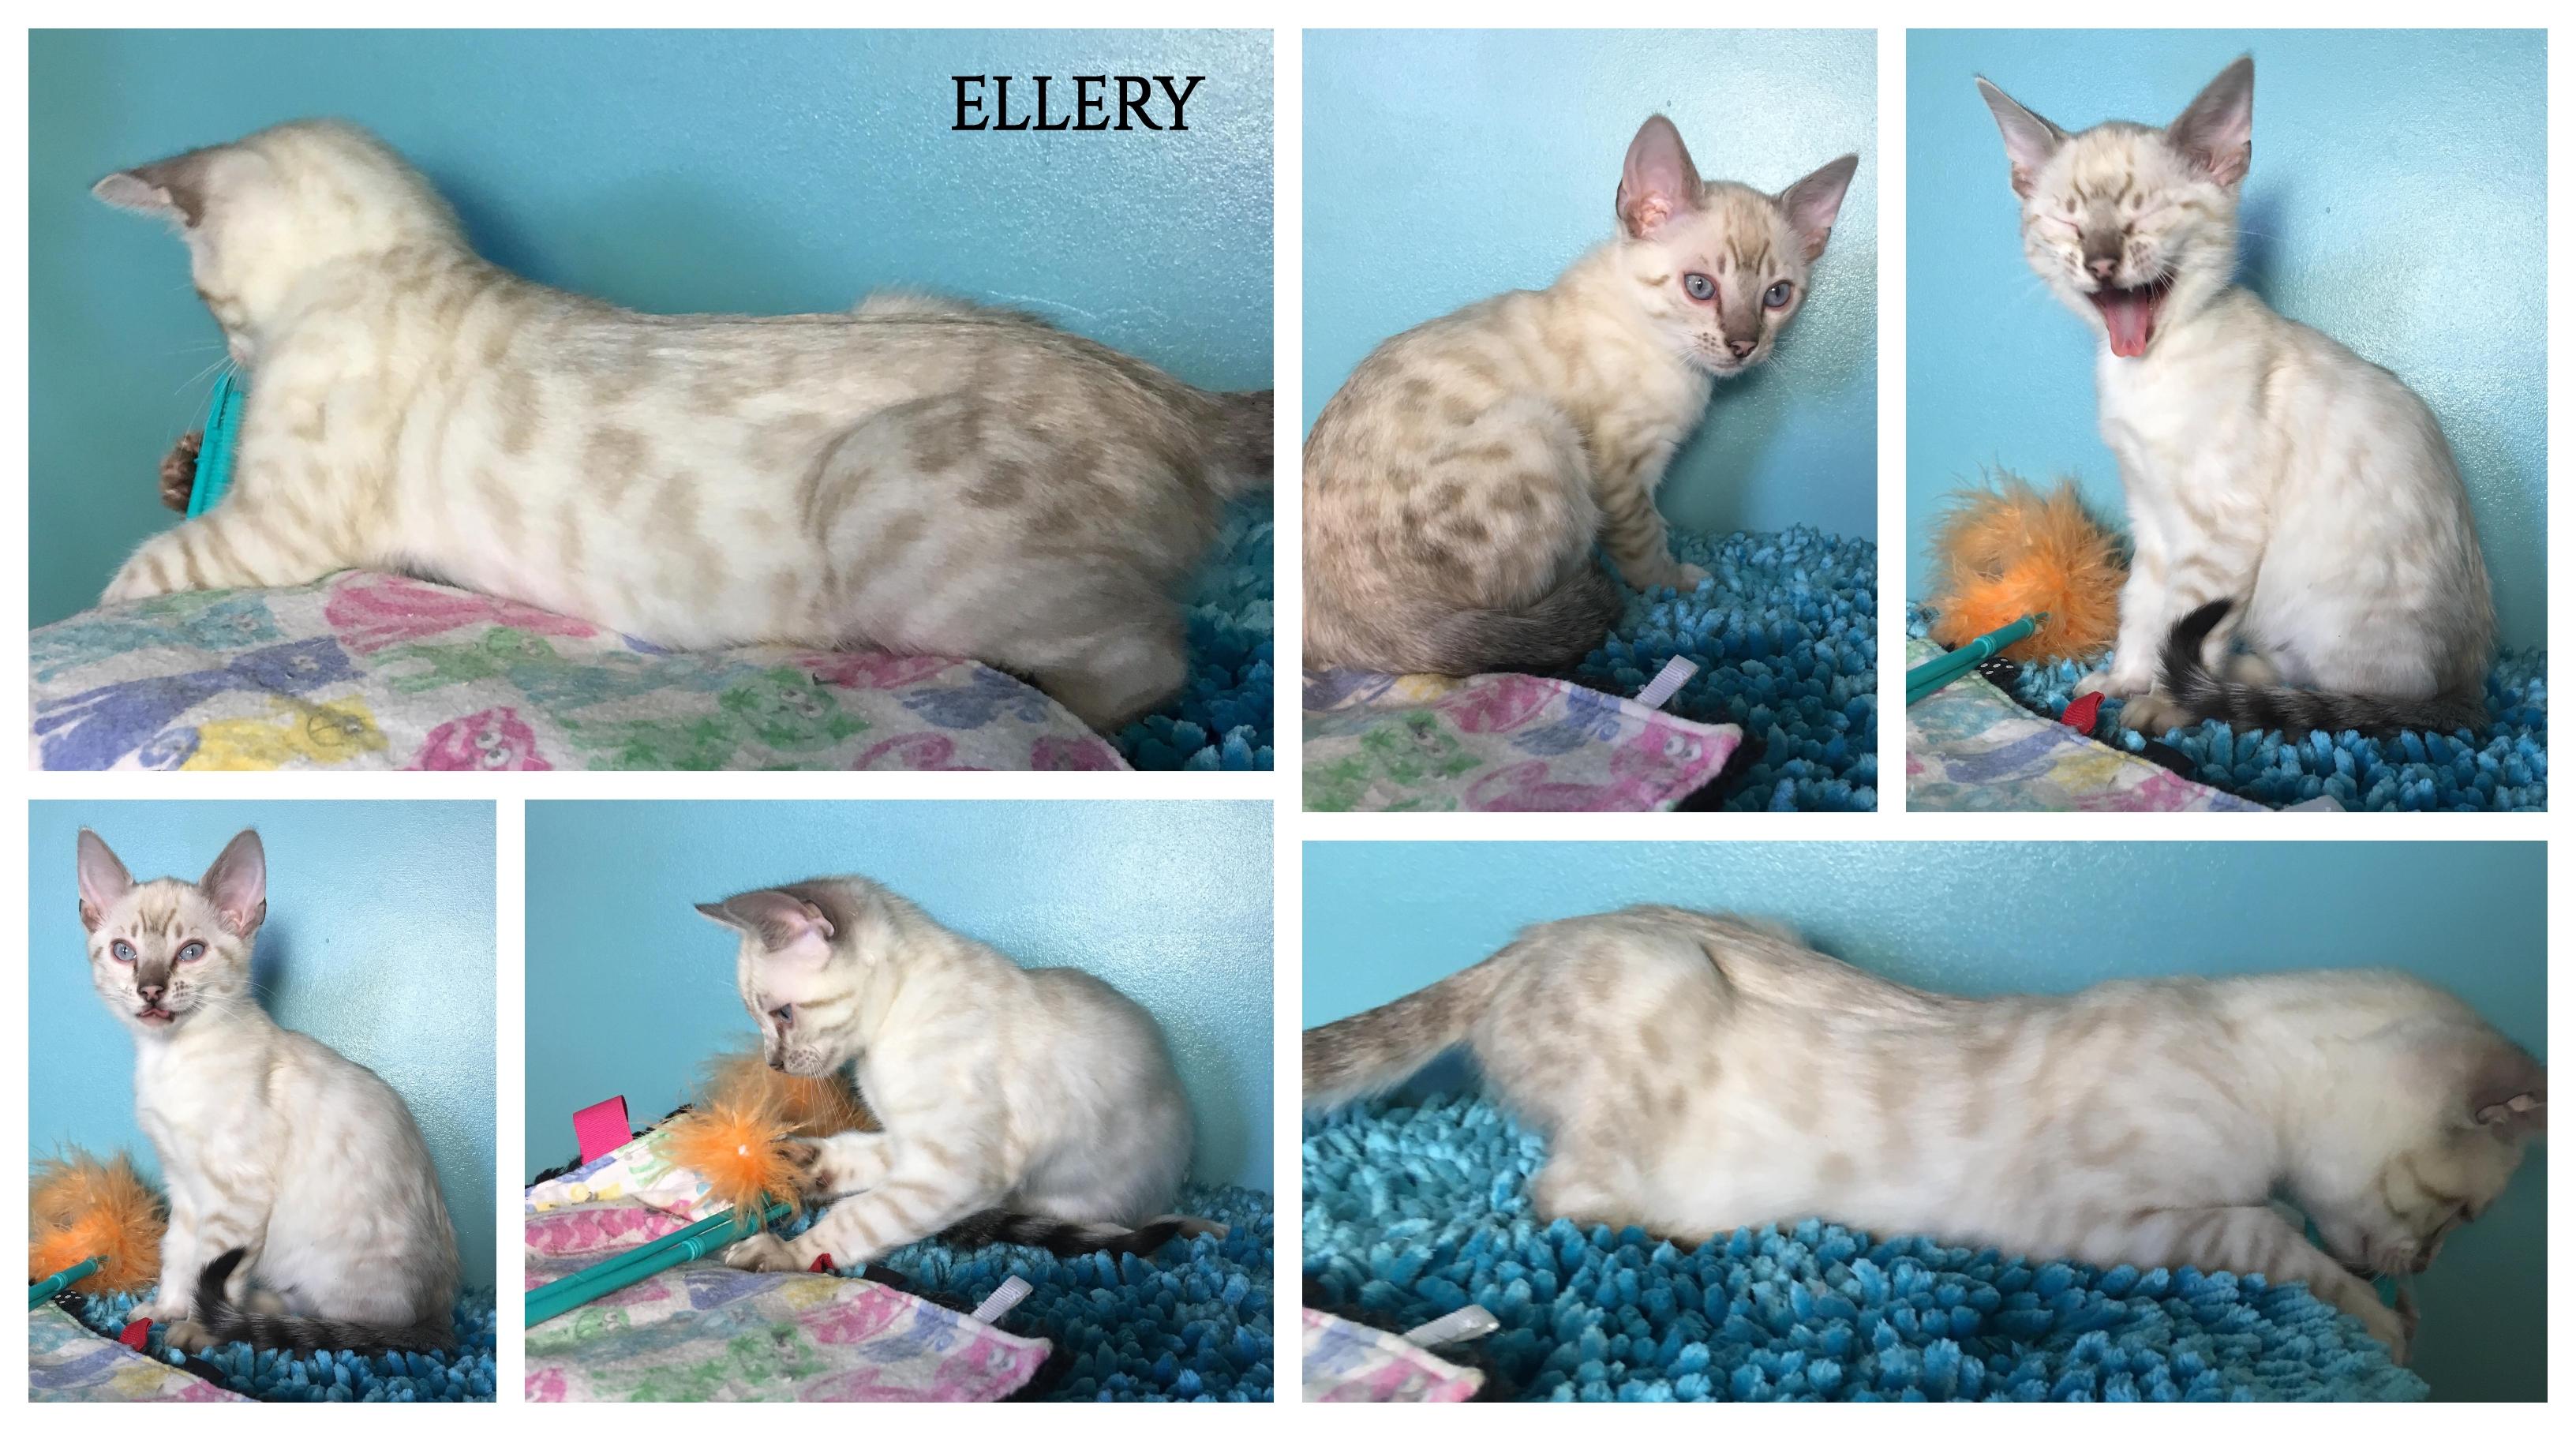 Ellery 10 weeks